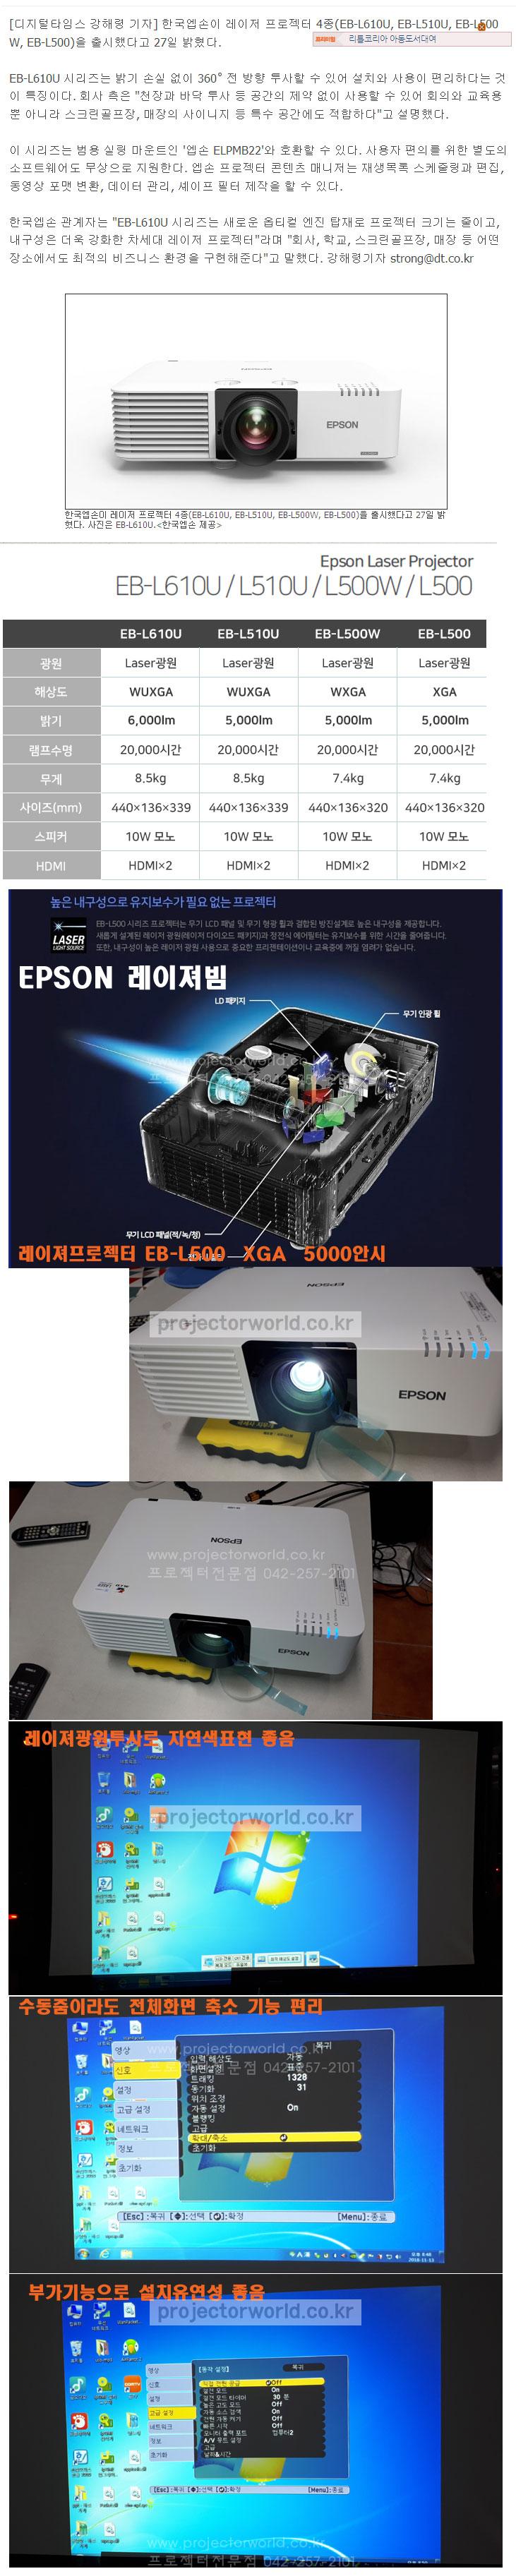 EB-L500,EB-L510U,EB-L610U,ev-100,